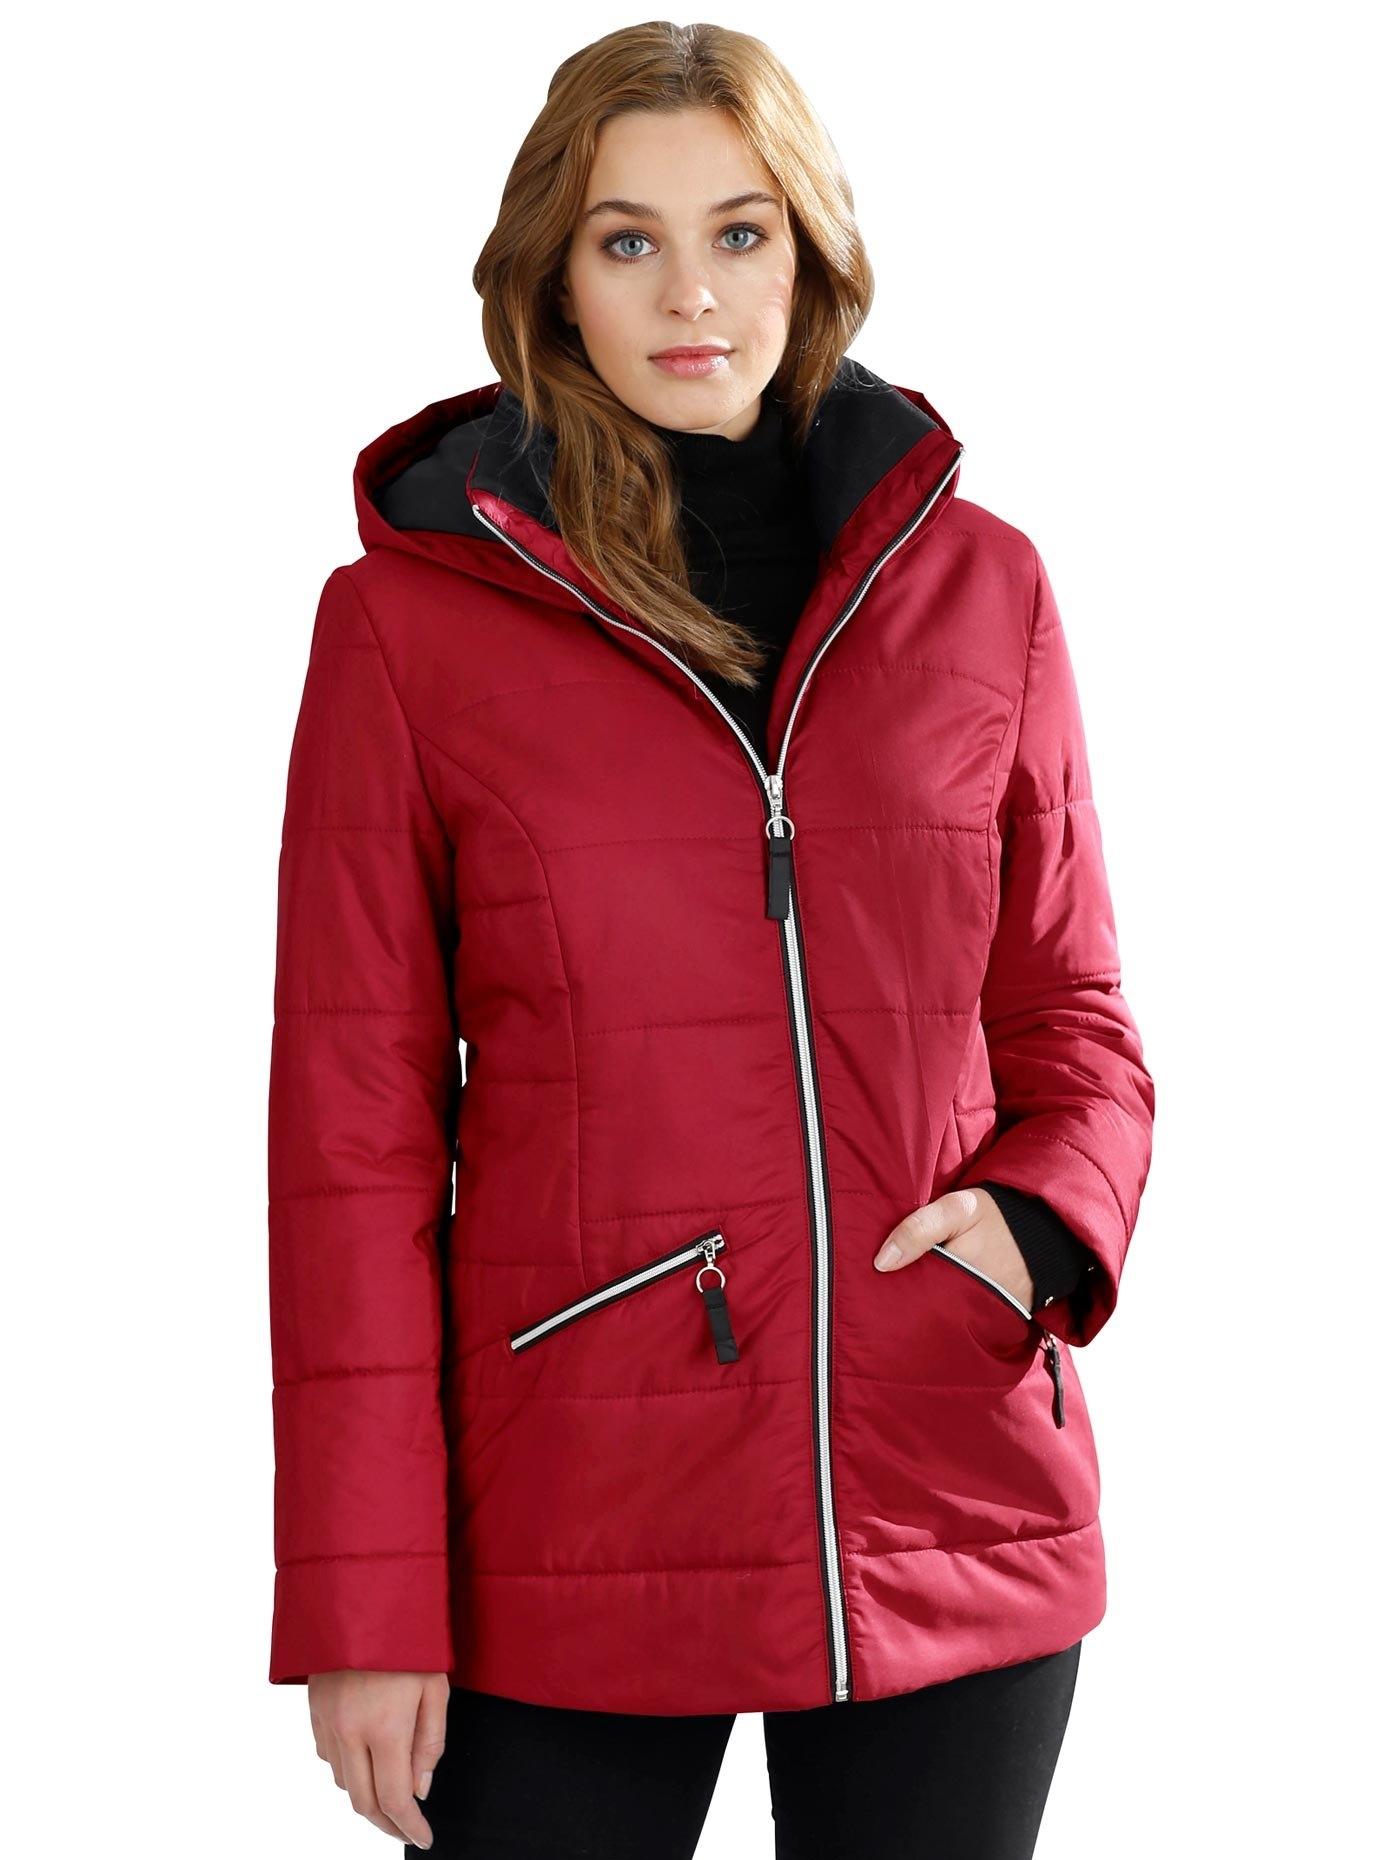 Classic Basics gewatteerde jas met beschermende staande kraag veilig op otto.nl kopen